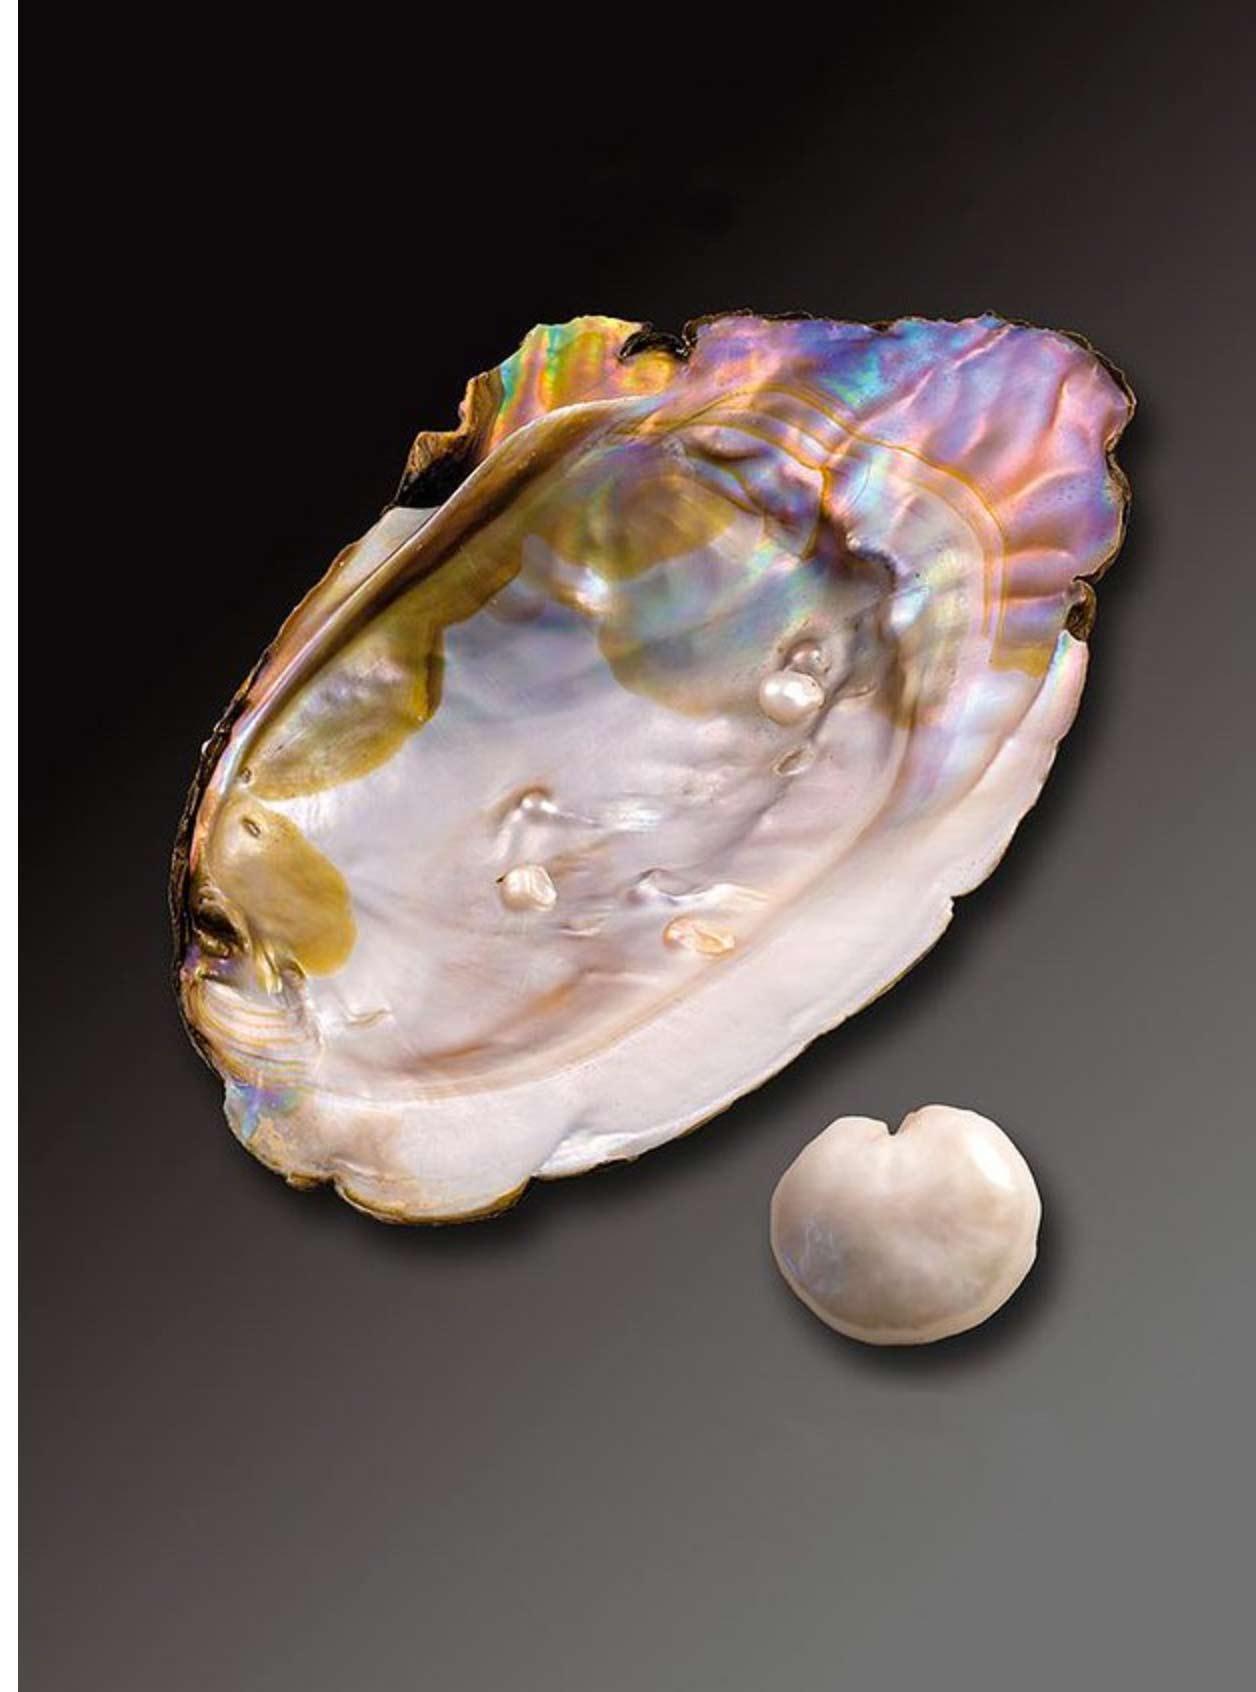 Moule d'eau douce et sa perle naturelle